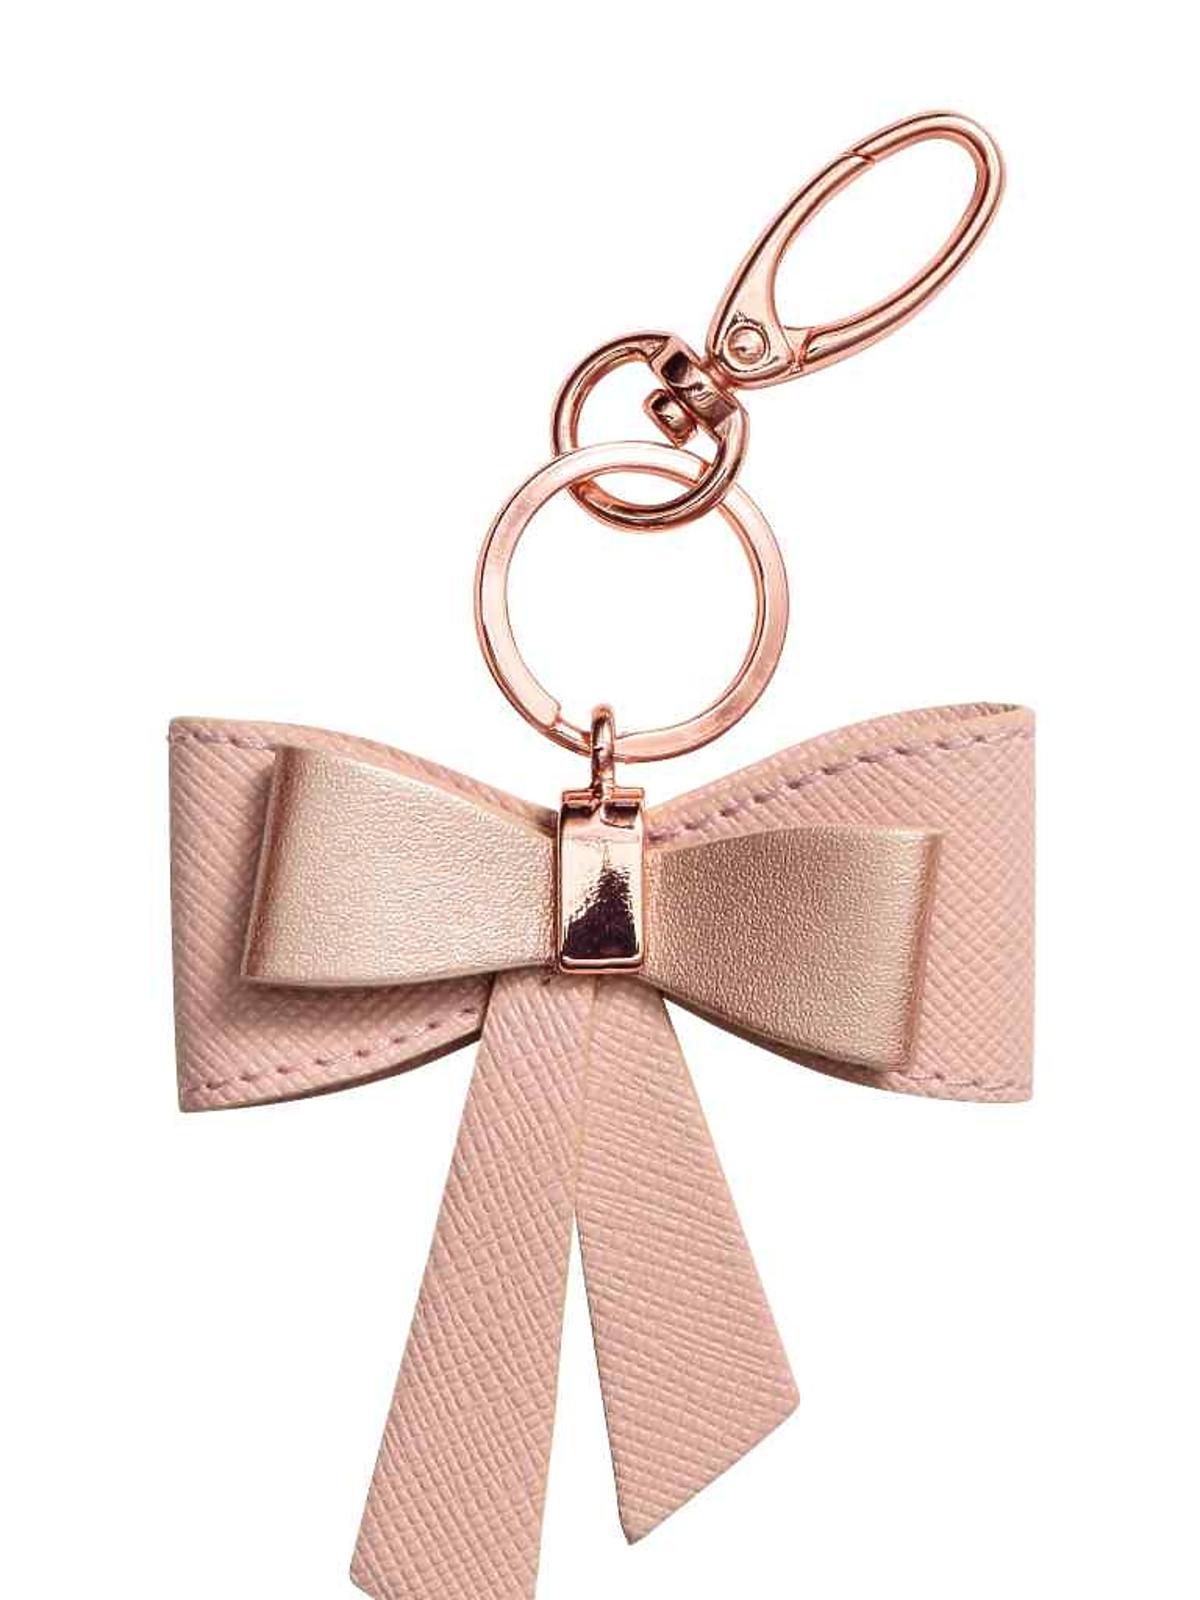 Brelok do torebki, kluczy kokarda, H&M, cena: 19,90 zł